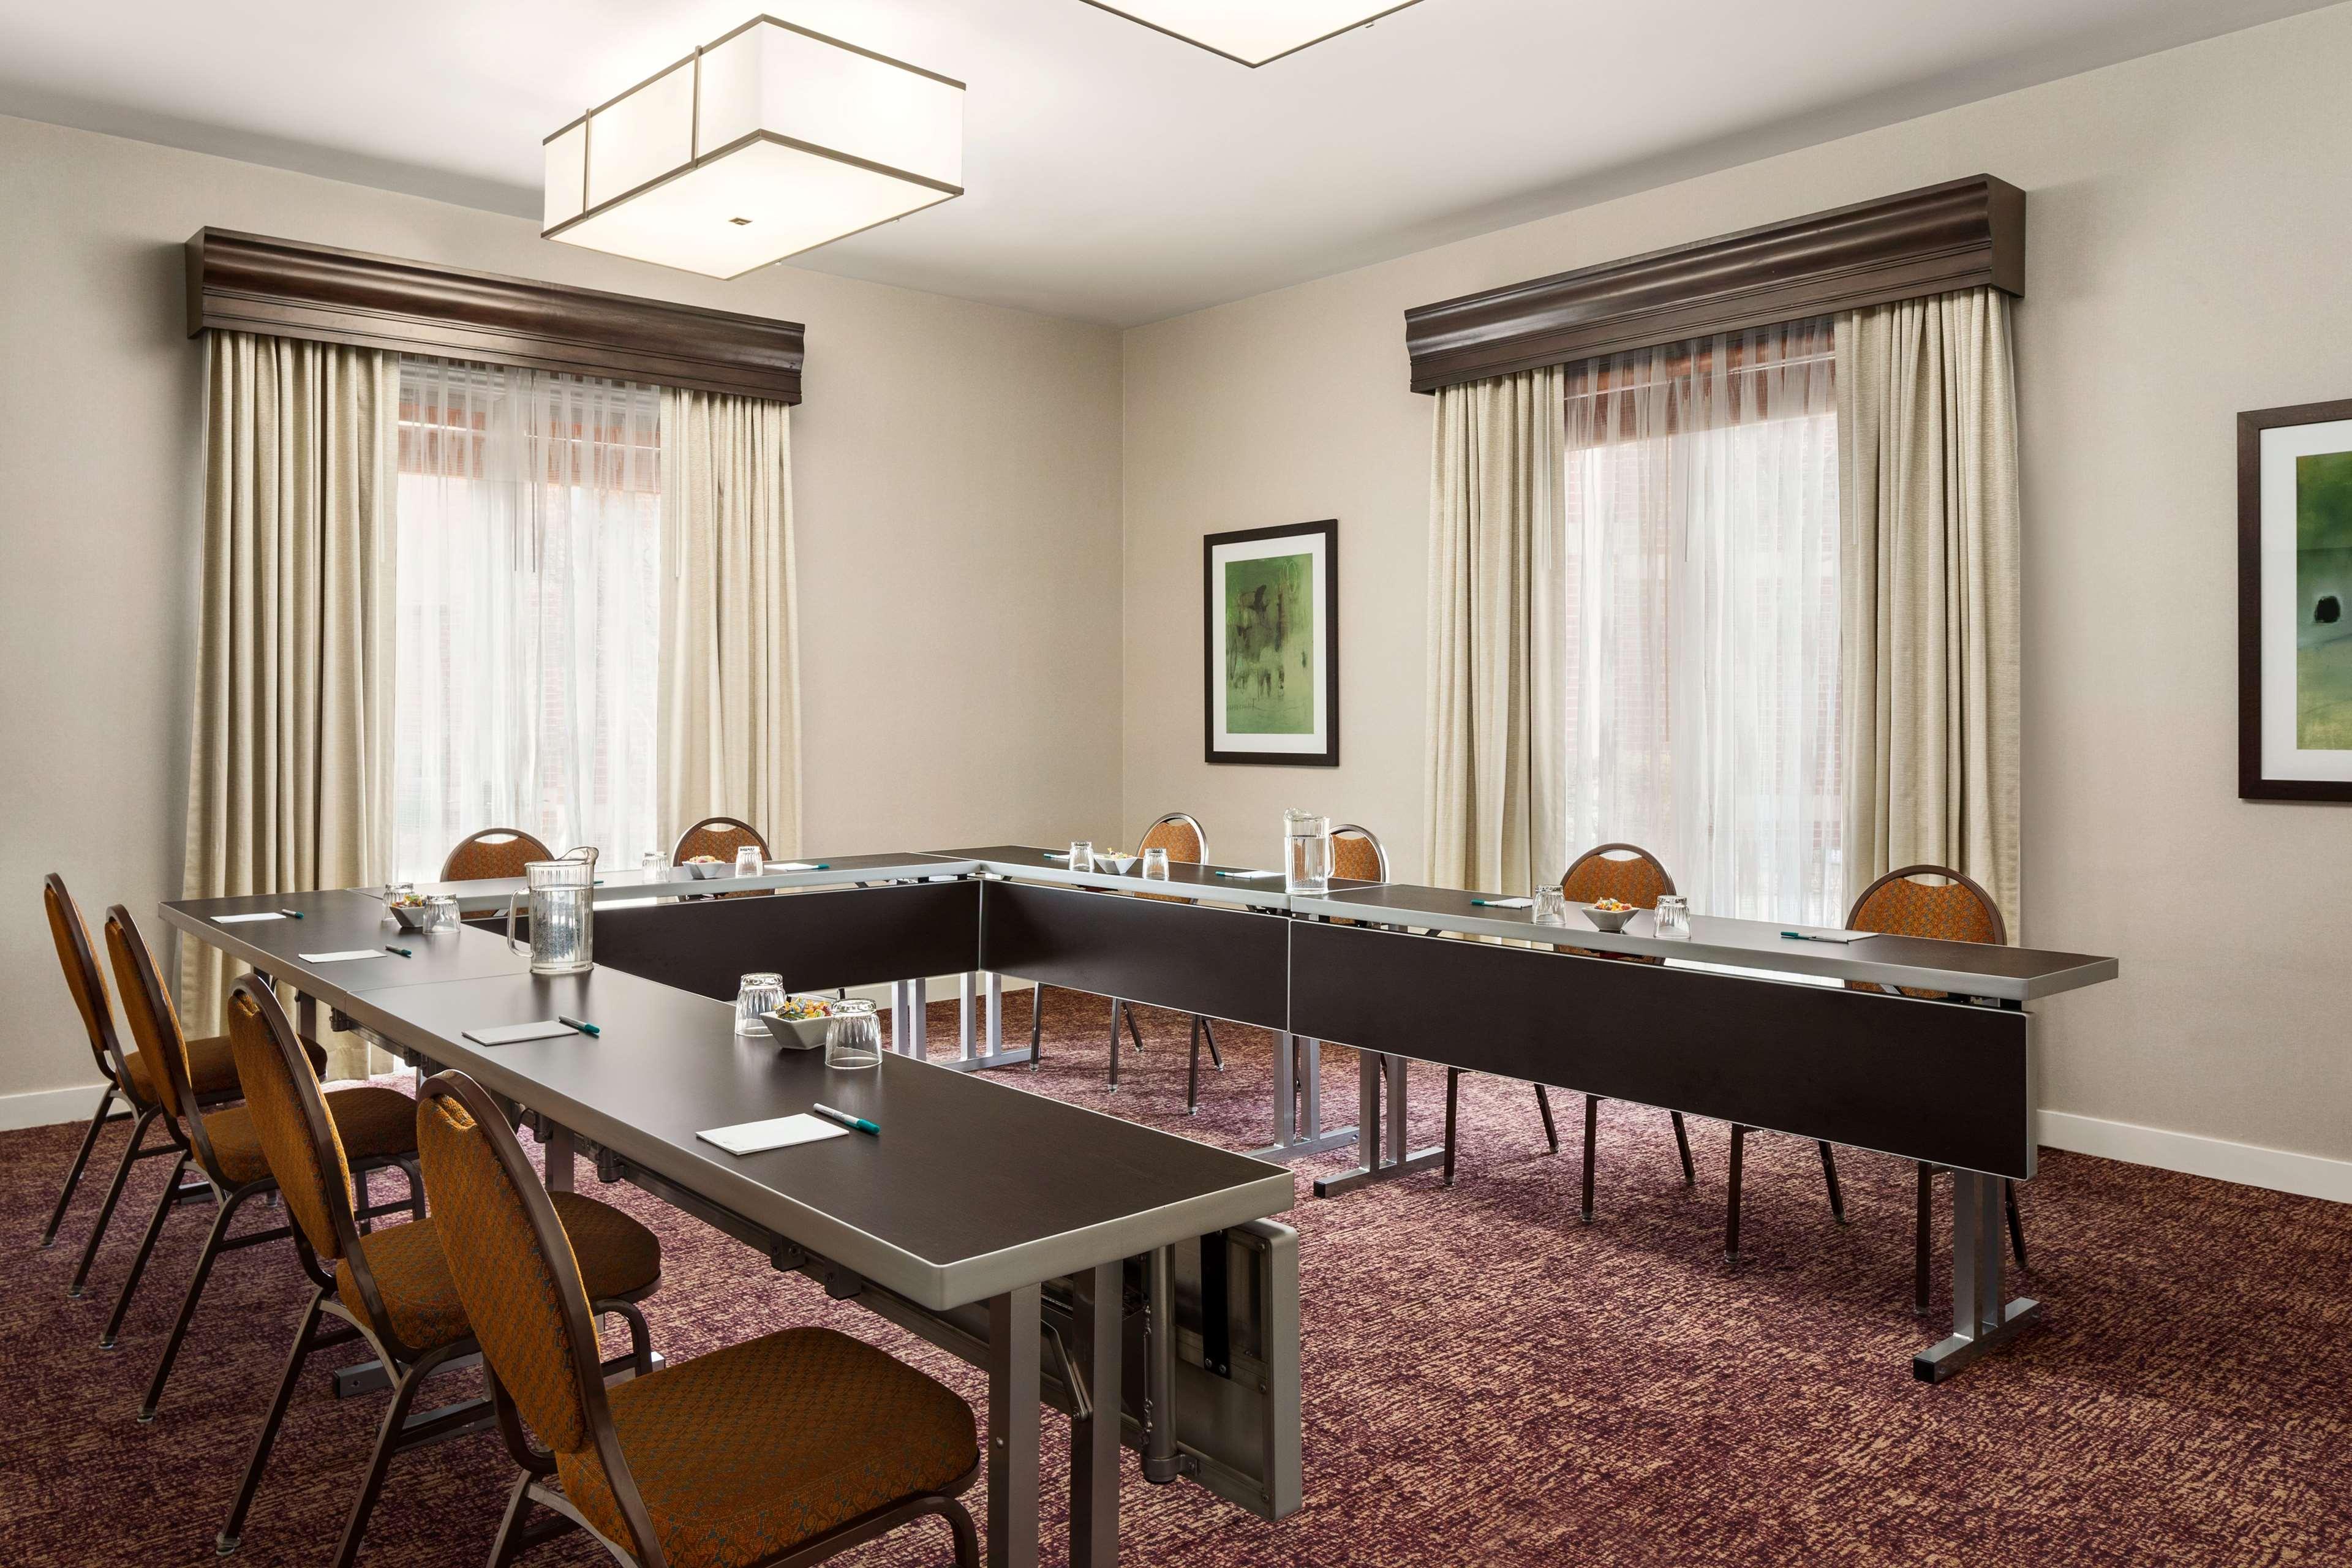 Homewood Suites by Hilton - Boulder image 33